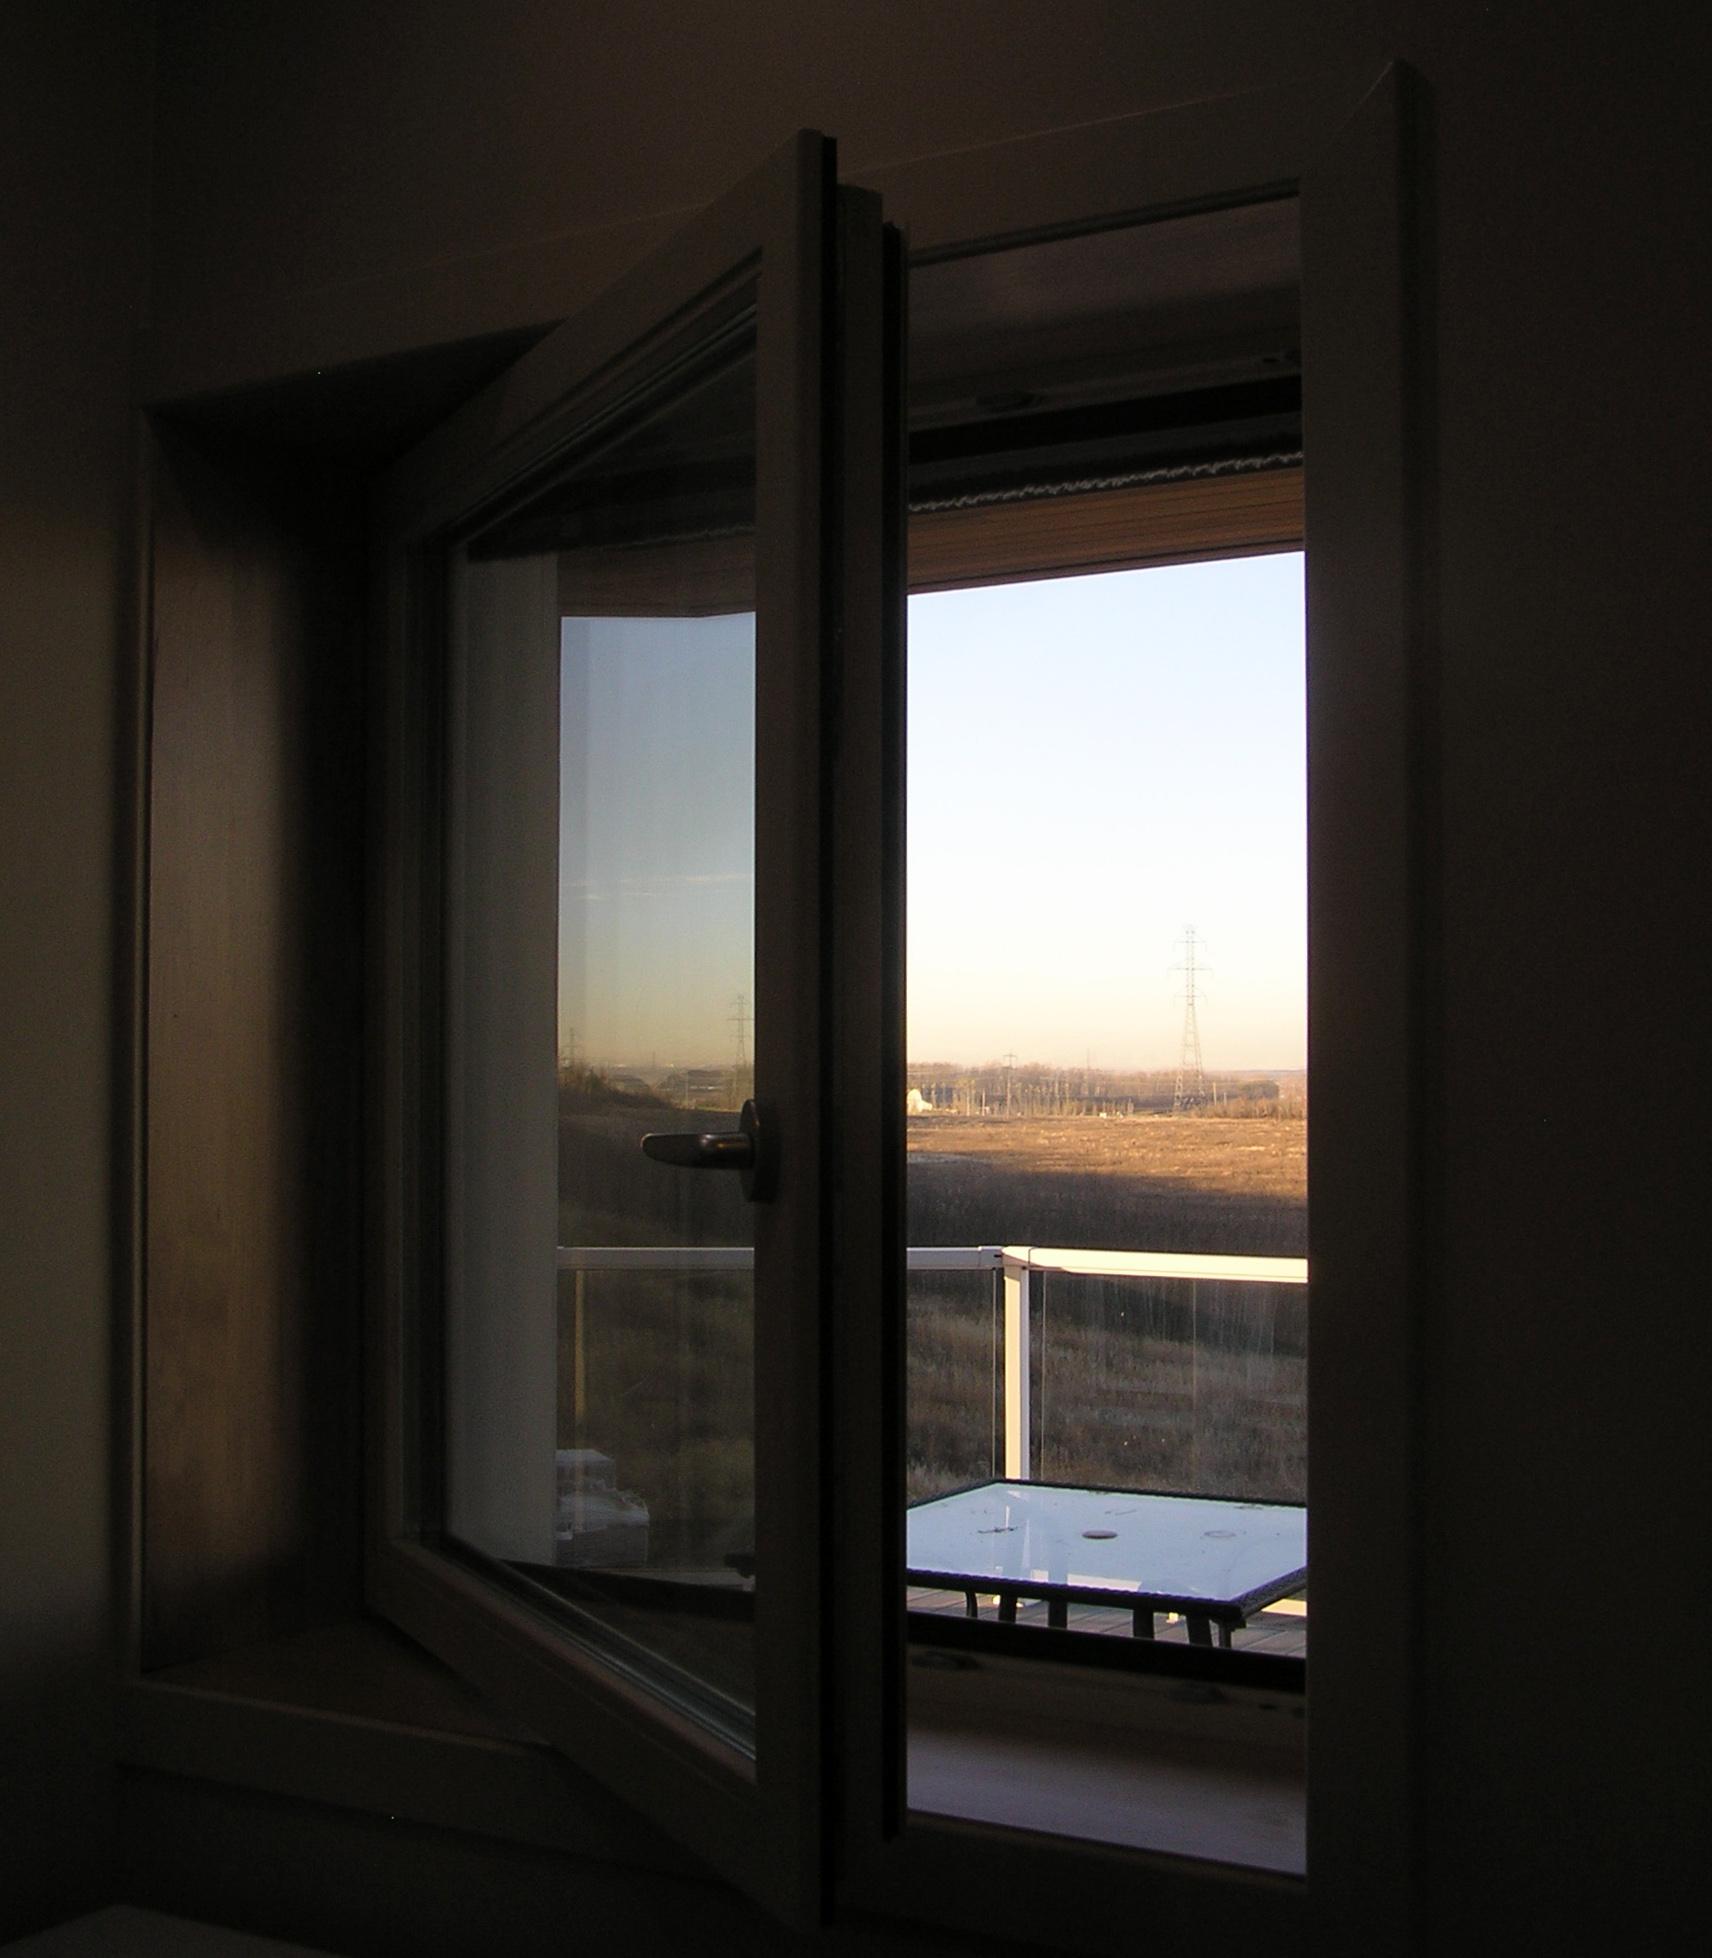 Open Window At Dusk